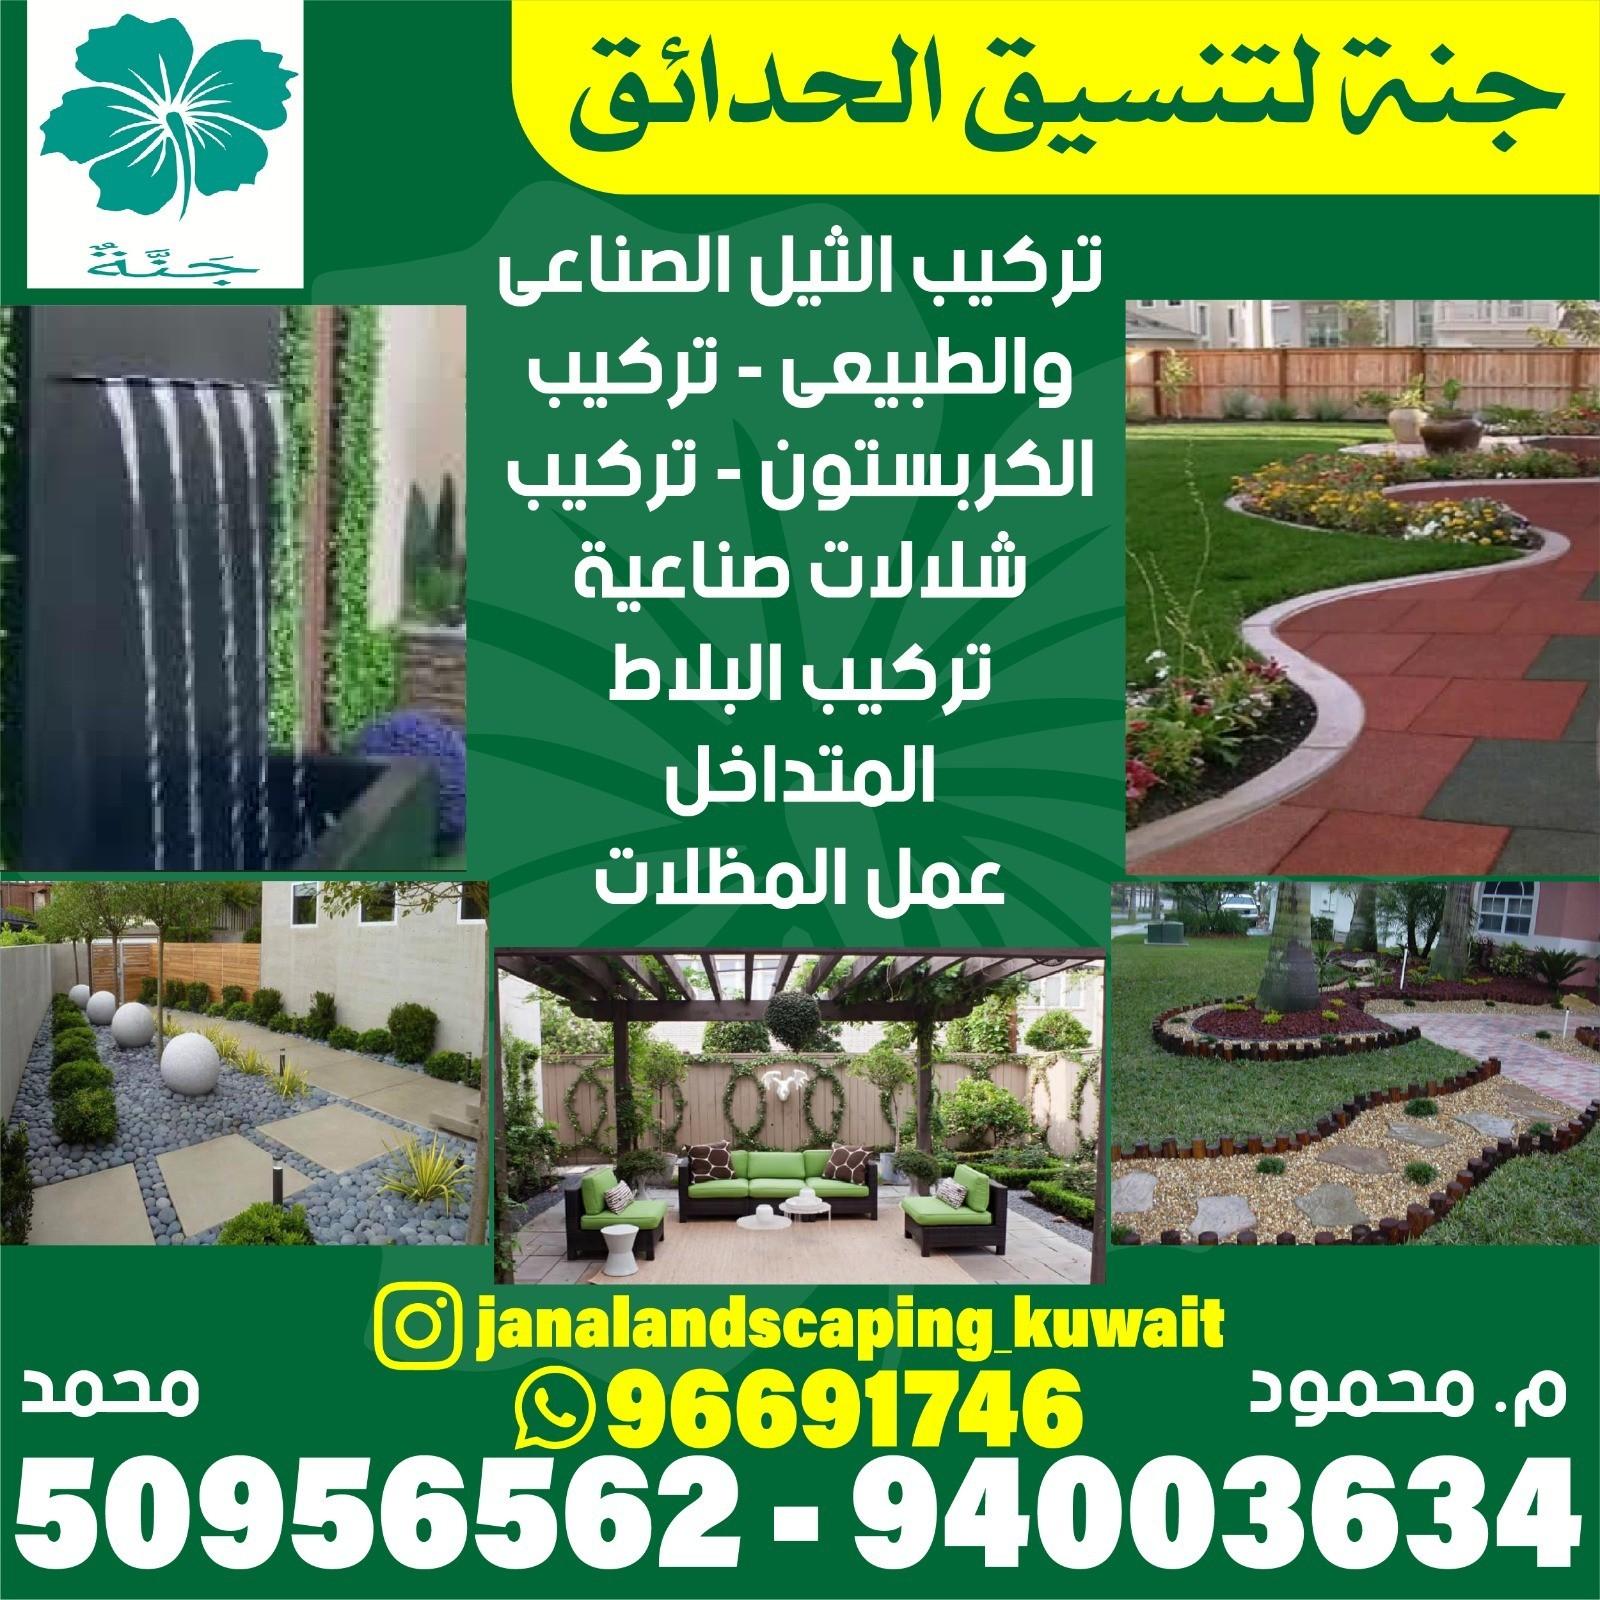 جنة لتنسيق الحدائق